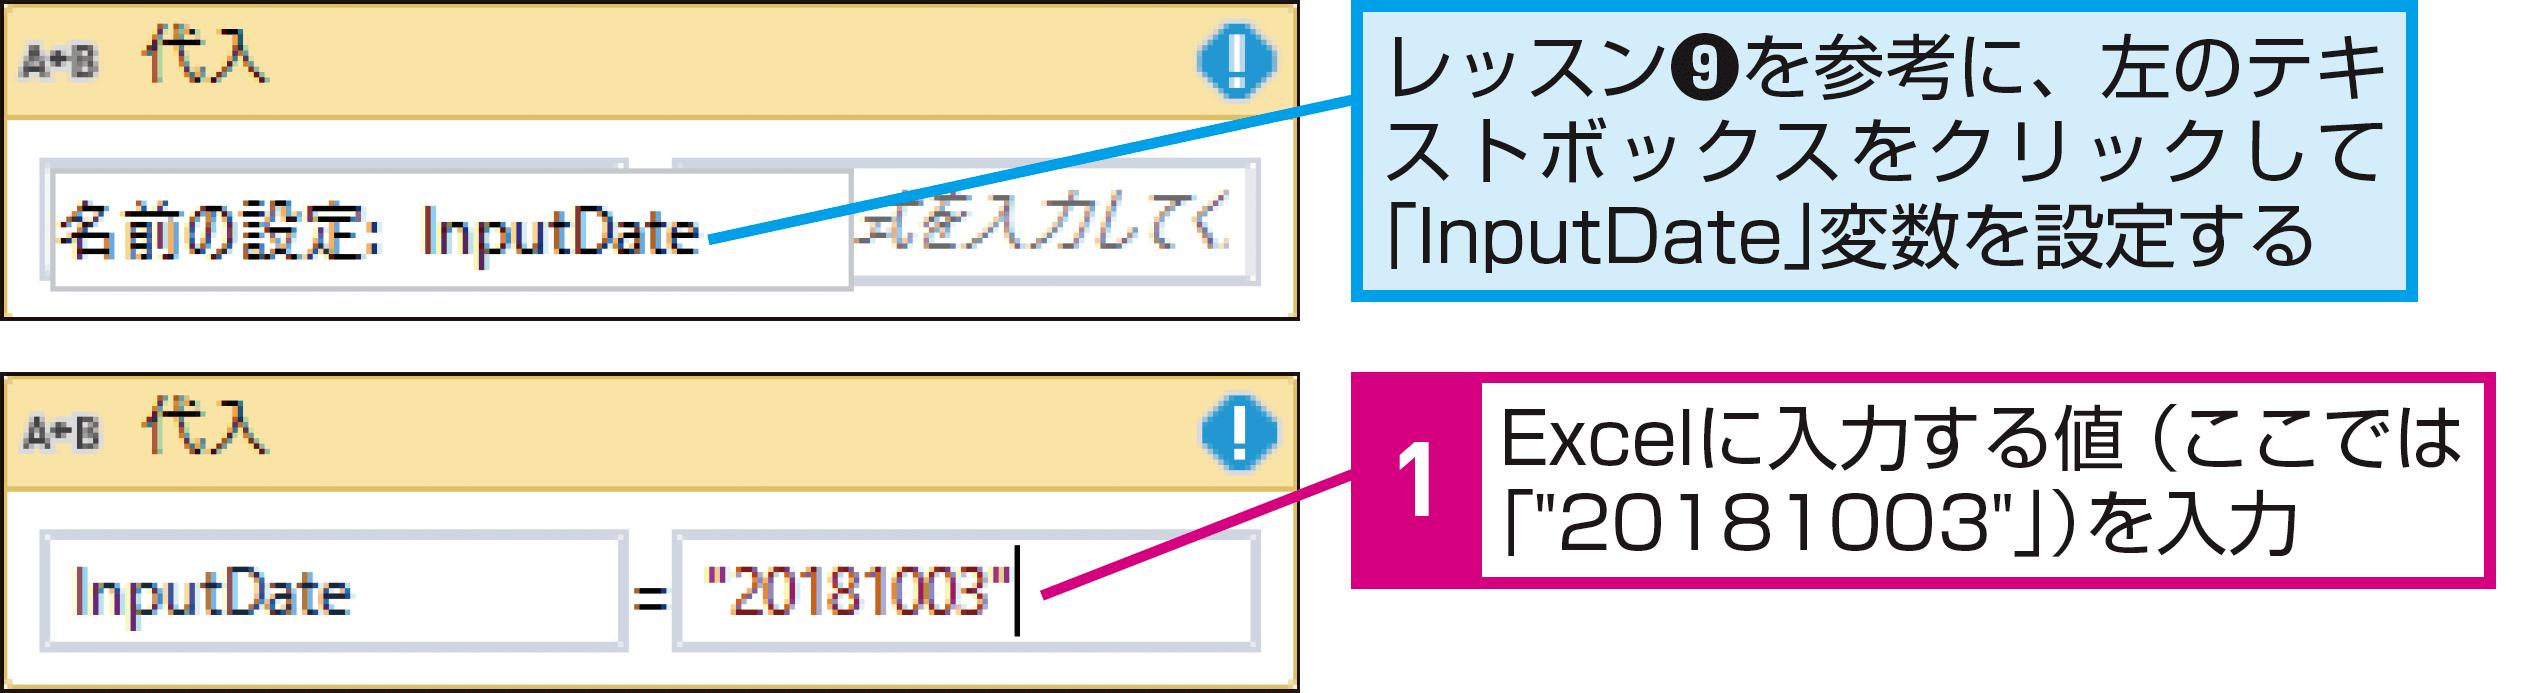 Excelにデータを書き込むには(Excelデータの書き込み) - できるUiPath